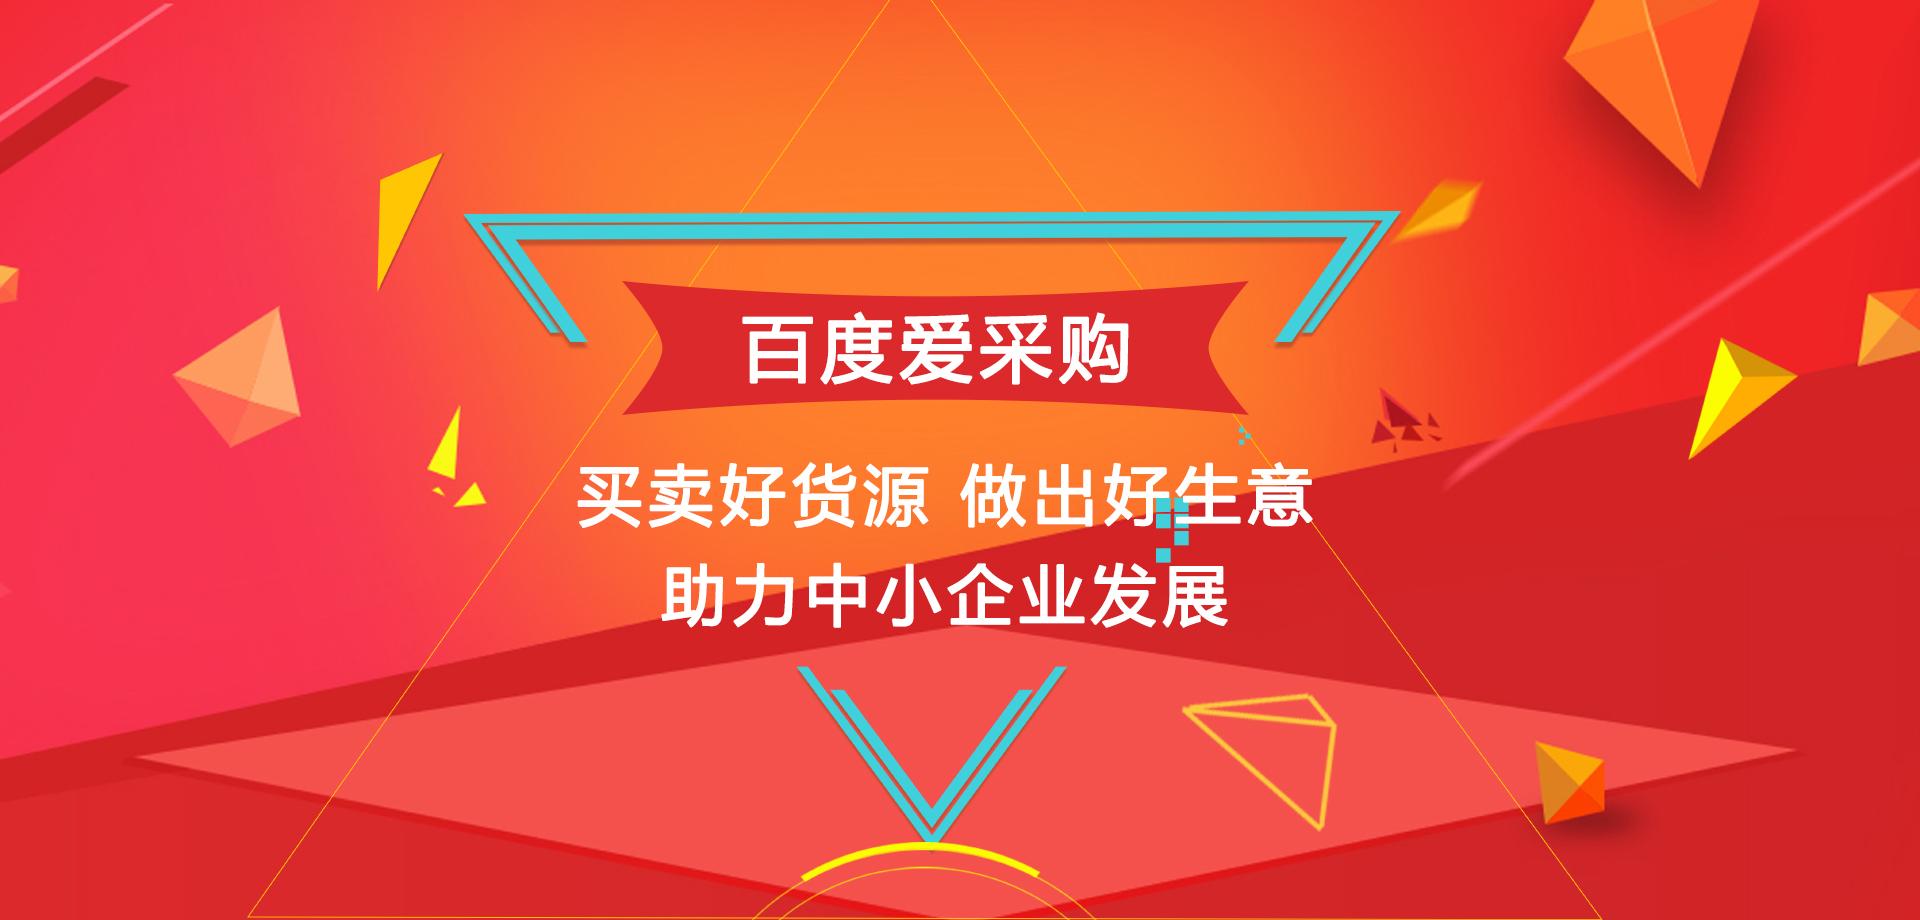 苏州网站设计